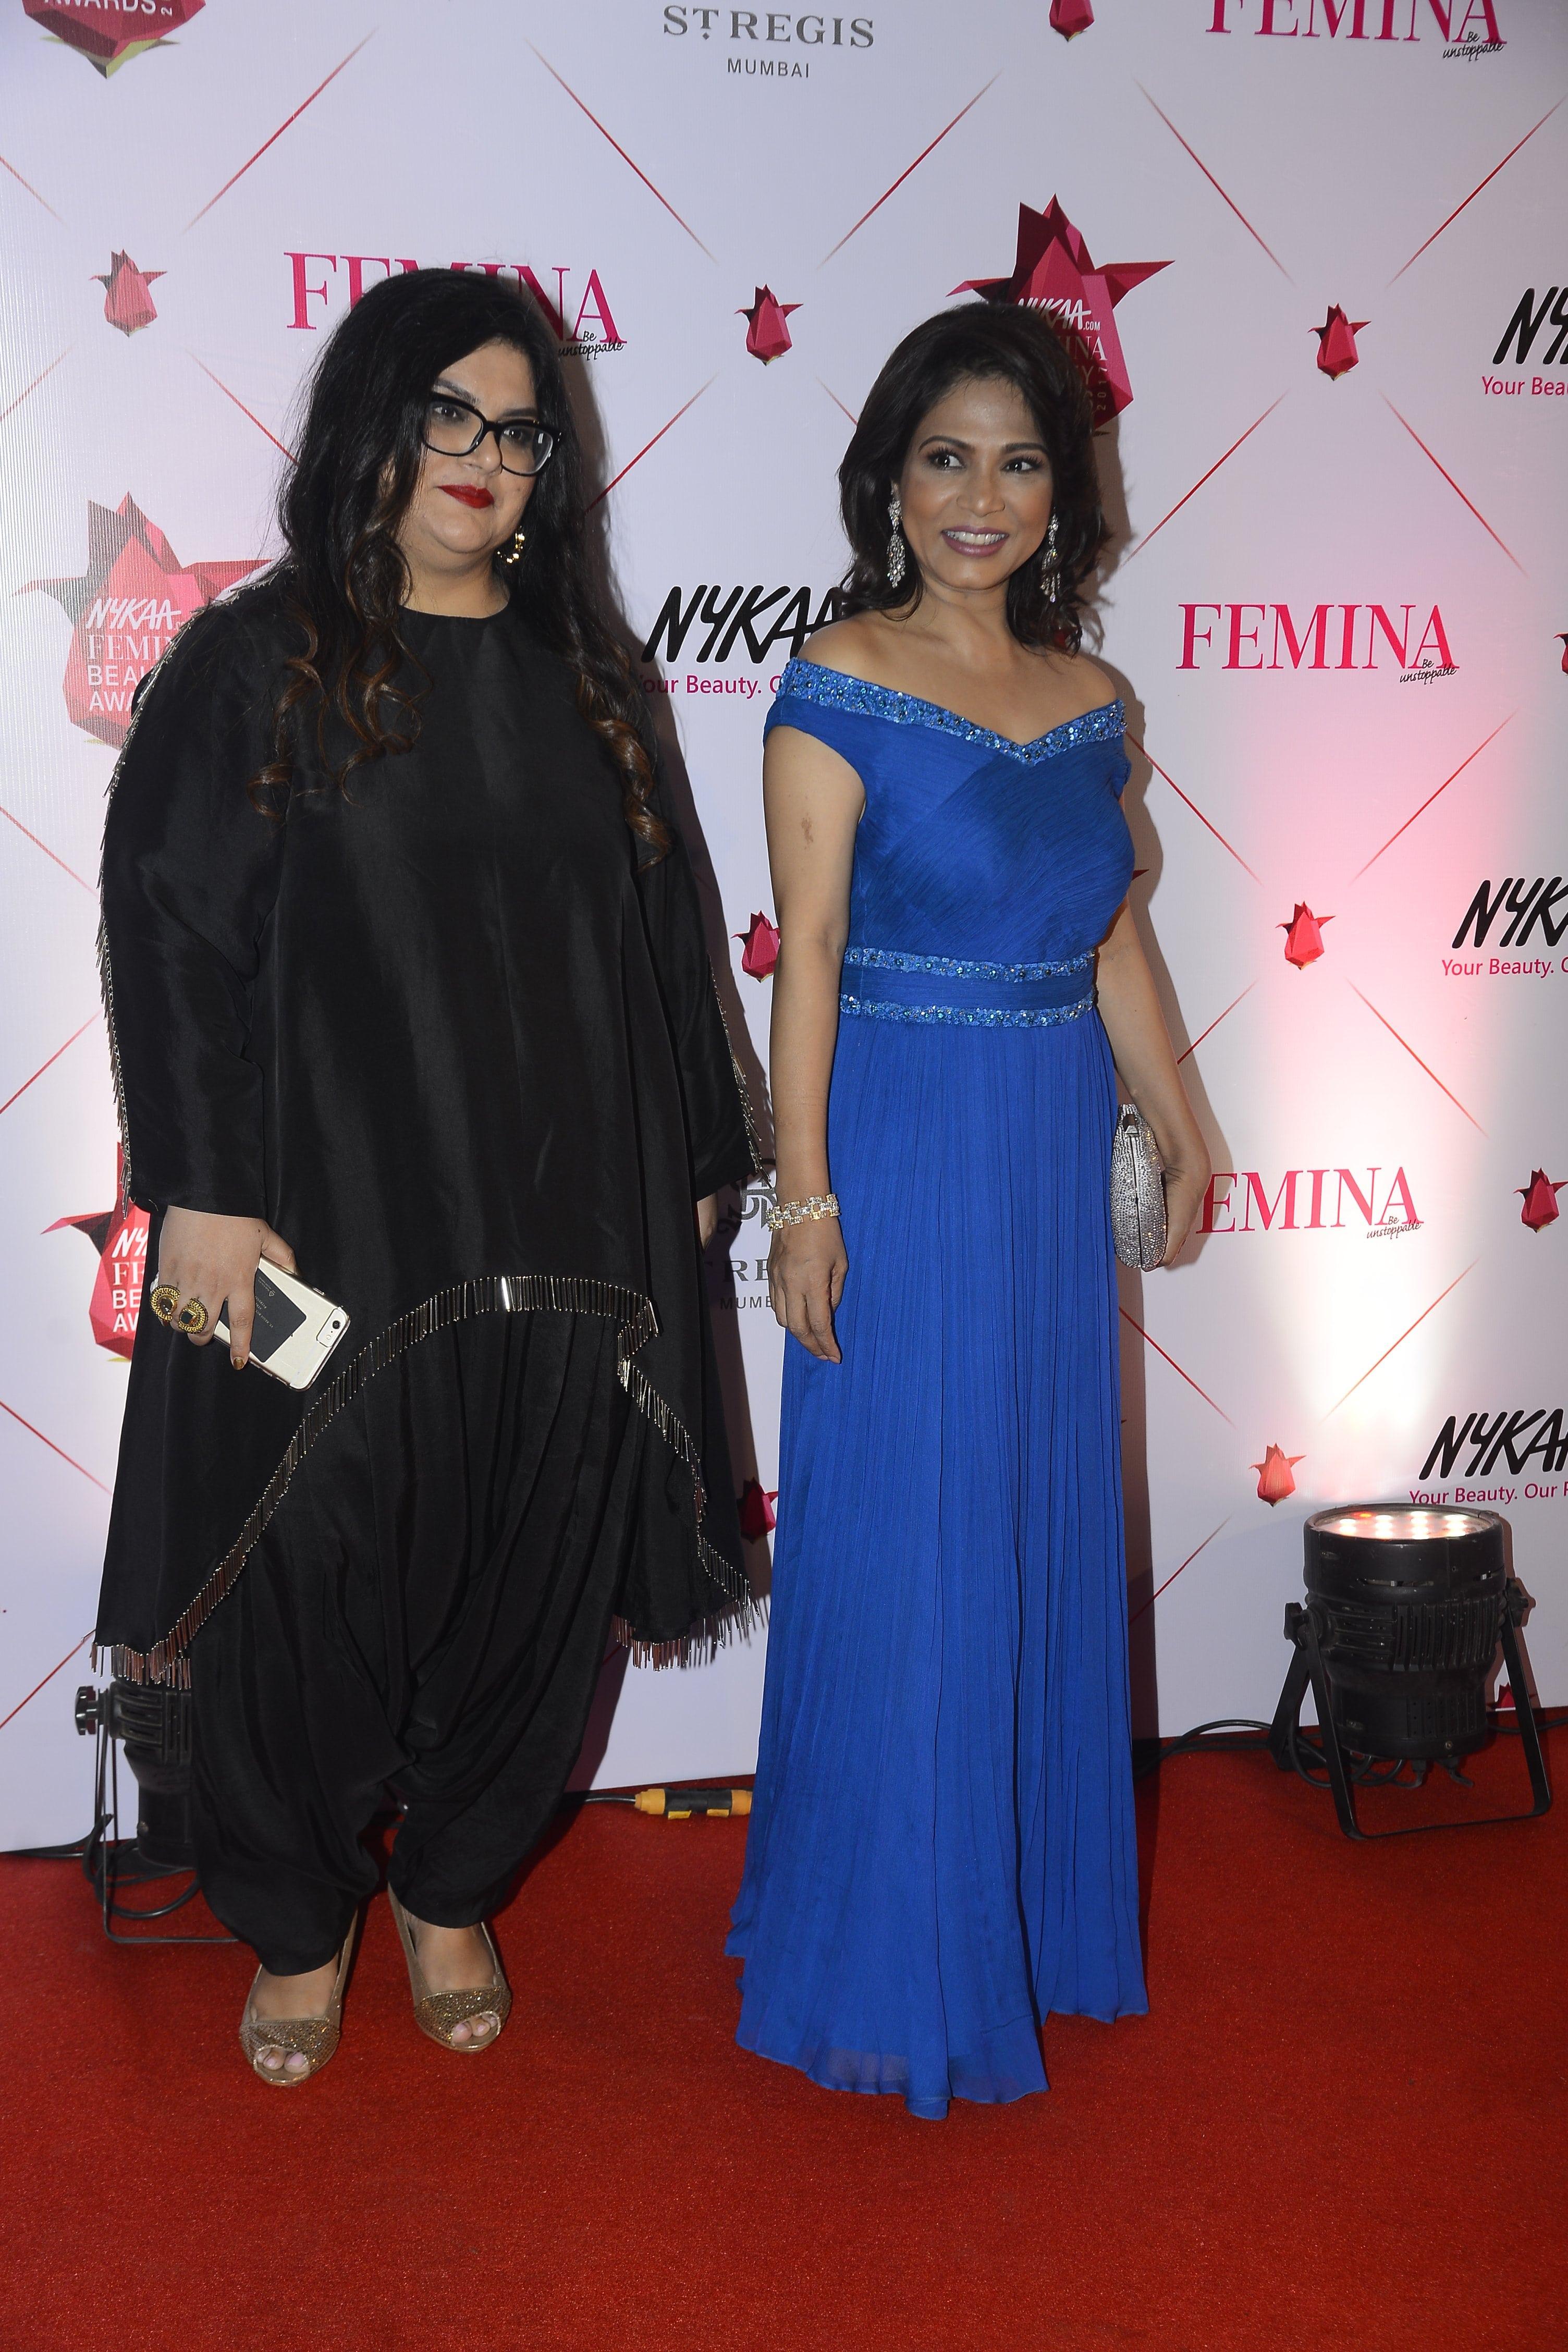 With Editor of Femina Taniya Chaitanya at Nykaa Femina Beauty Awards 2017